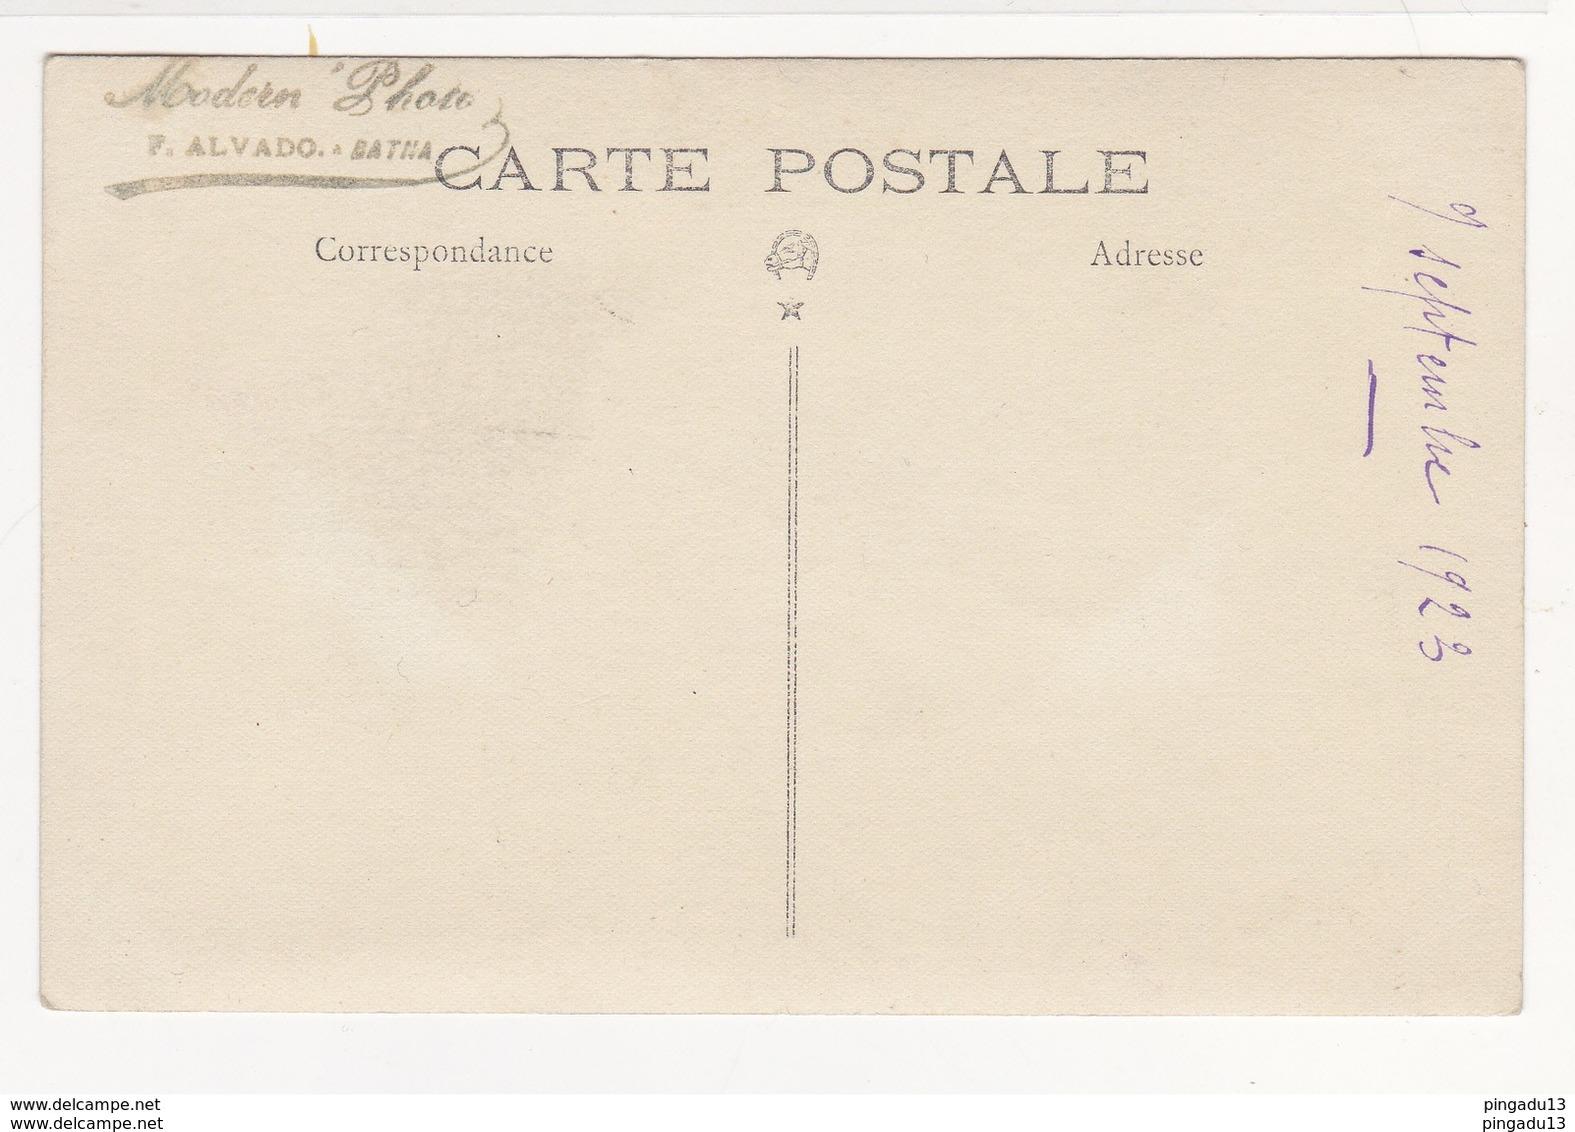 Au Plus Rapide Carte Photo Zouave Photographe F Alvado Batna 9 Septembre 1923 Très Bon état - Régiments